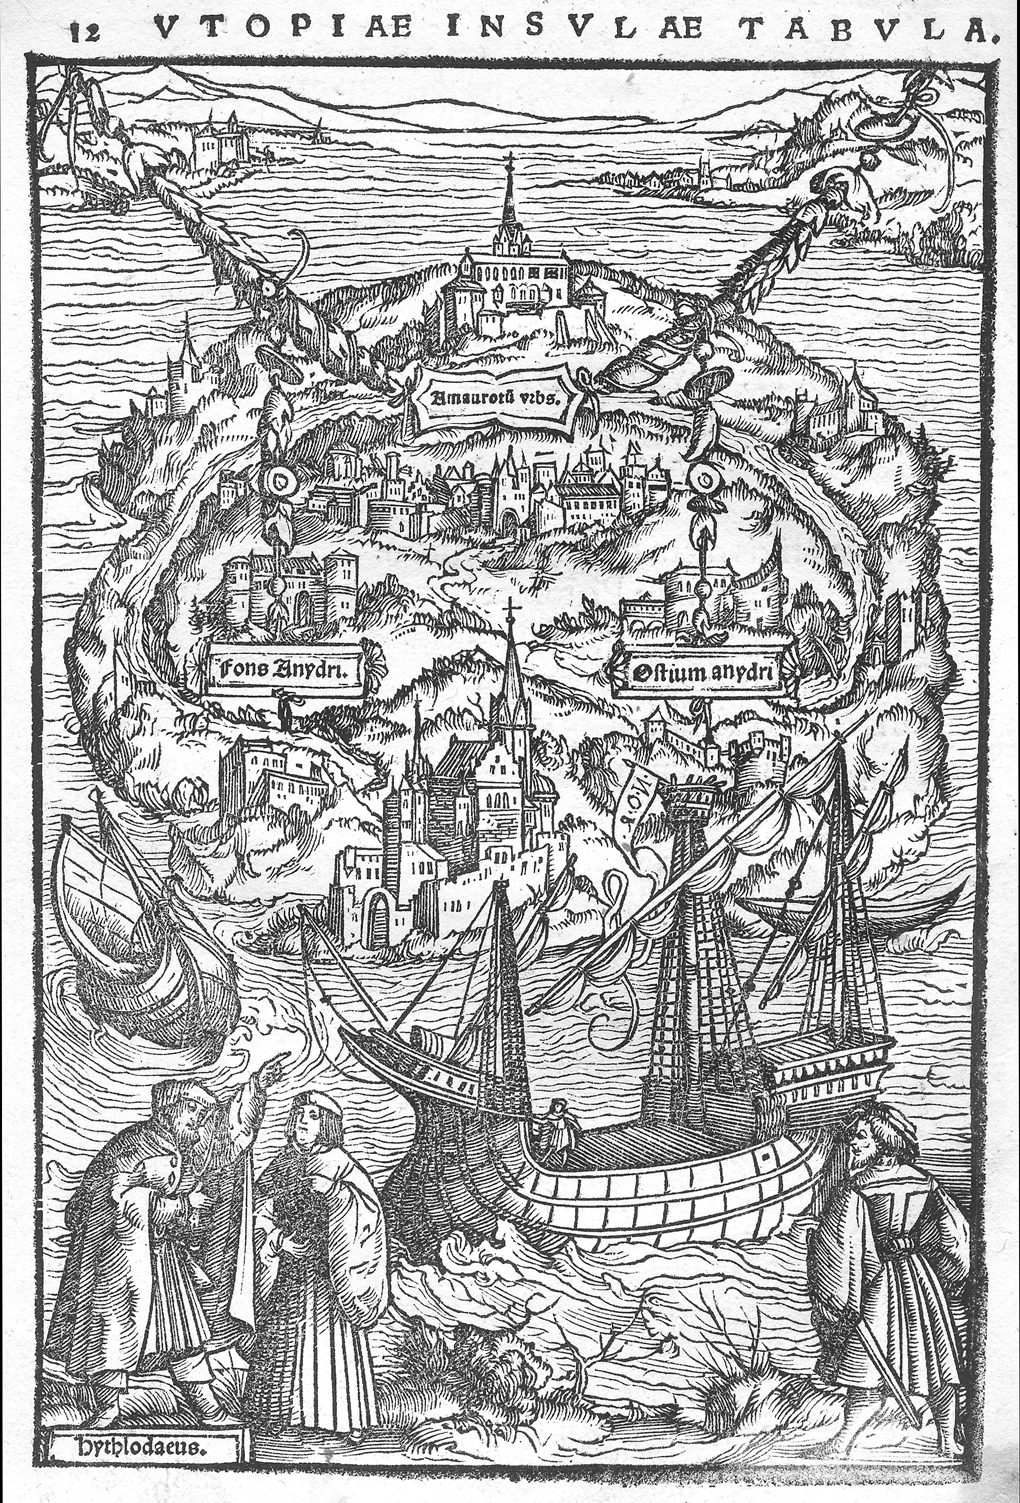 La isla de Utopía, grabado en madera atribuído a Hans Holbein, que ilustra la edición de la obra de Moro impresa en Basilea en 1518.